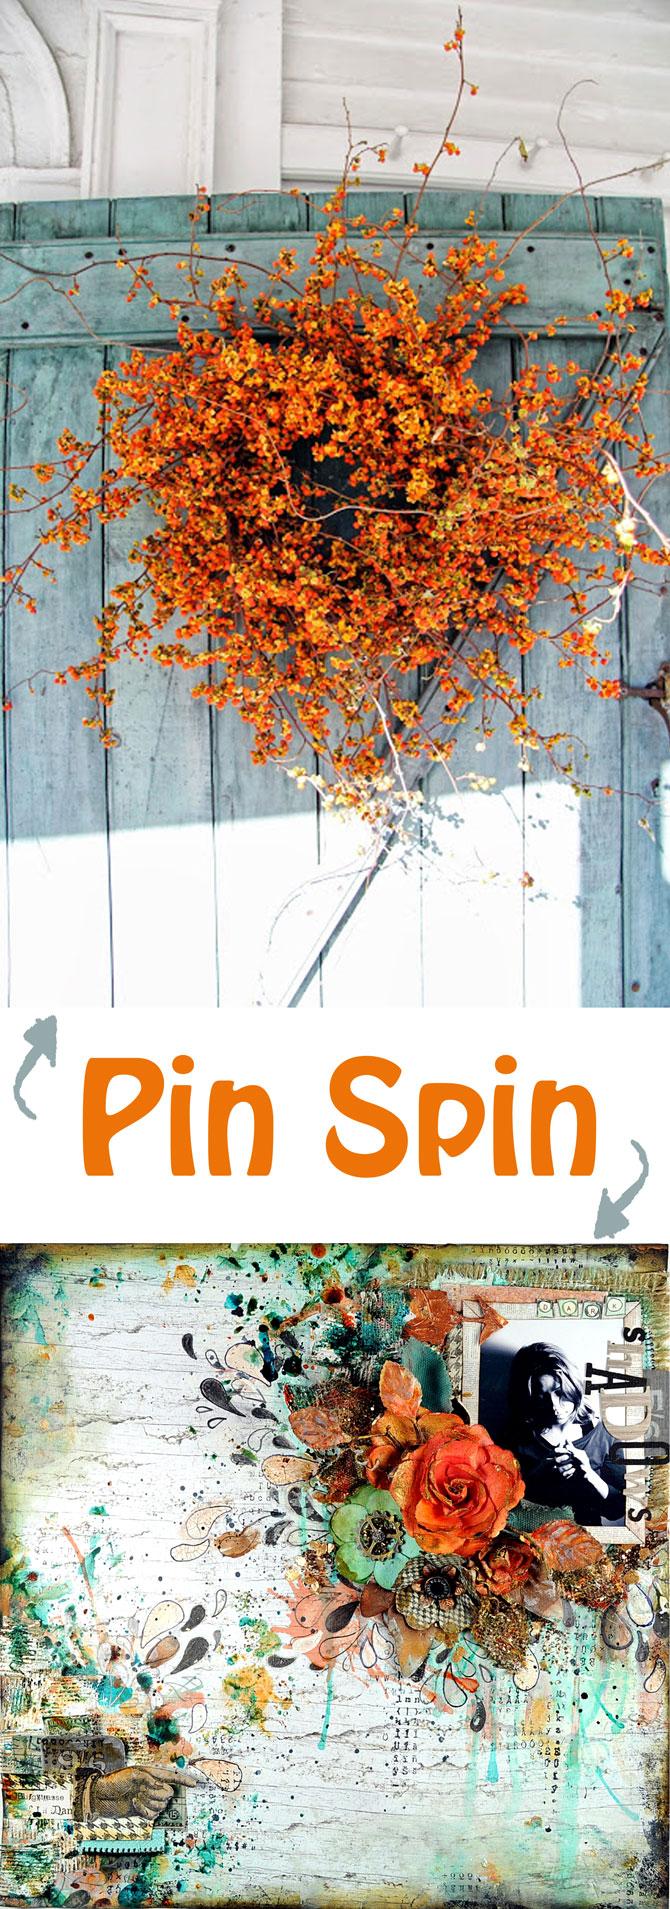 Oct-29-pinspin-fran